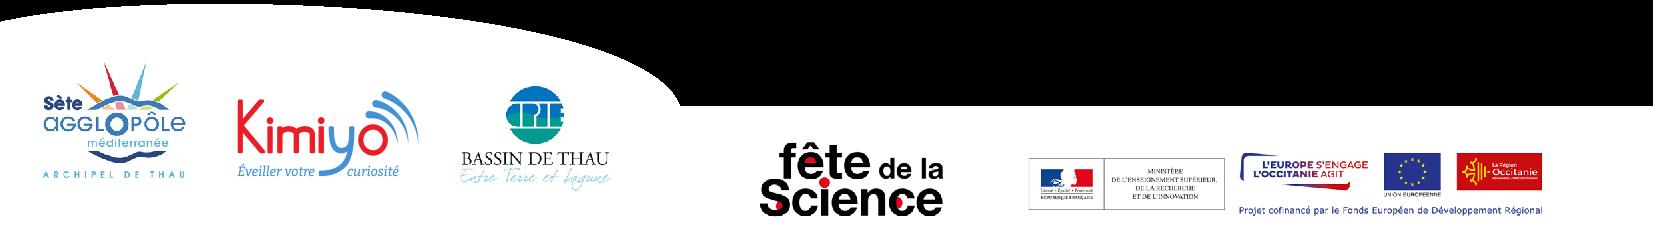 image logo fete de la science